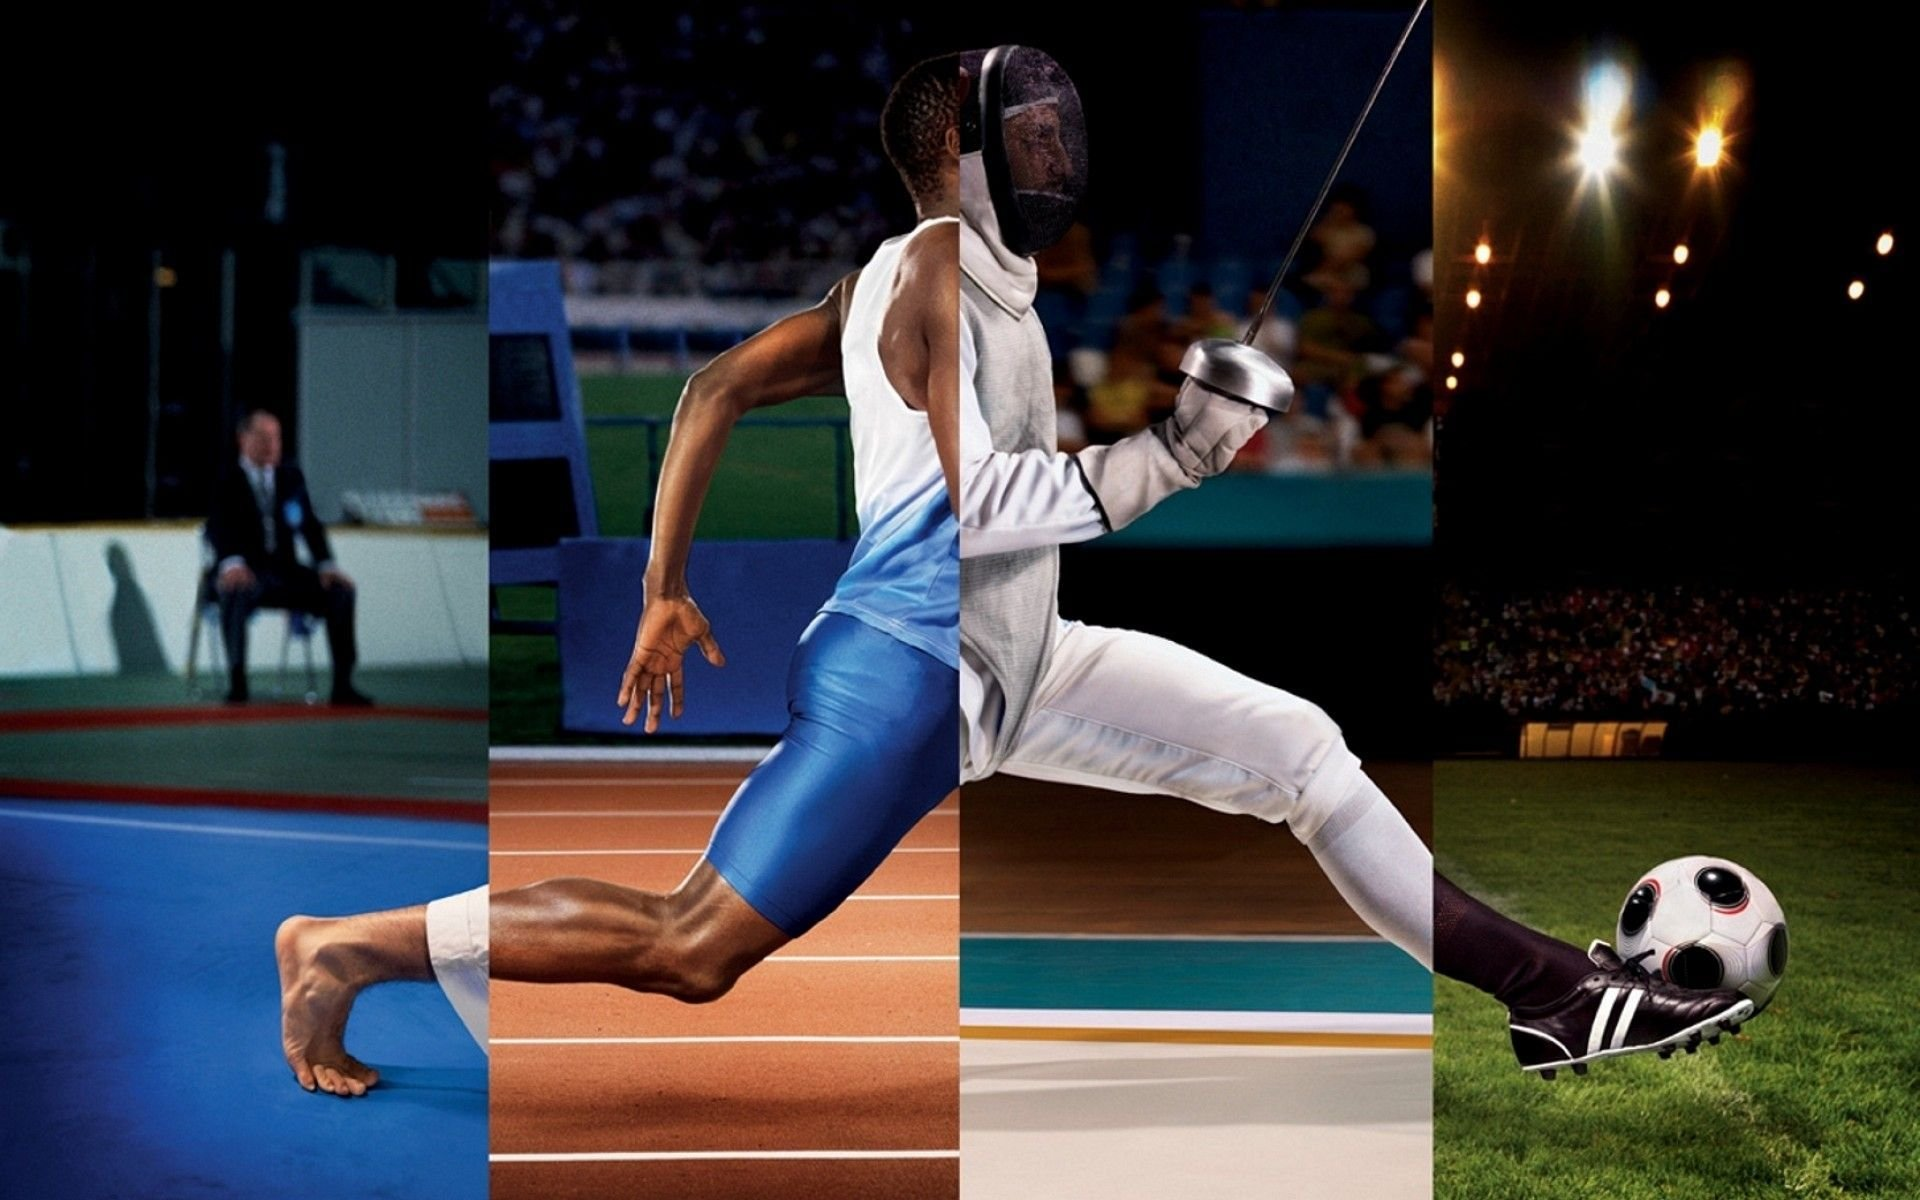 Синий цвет увеличивает работоспособность спортсменов— ученые